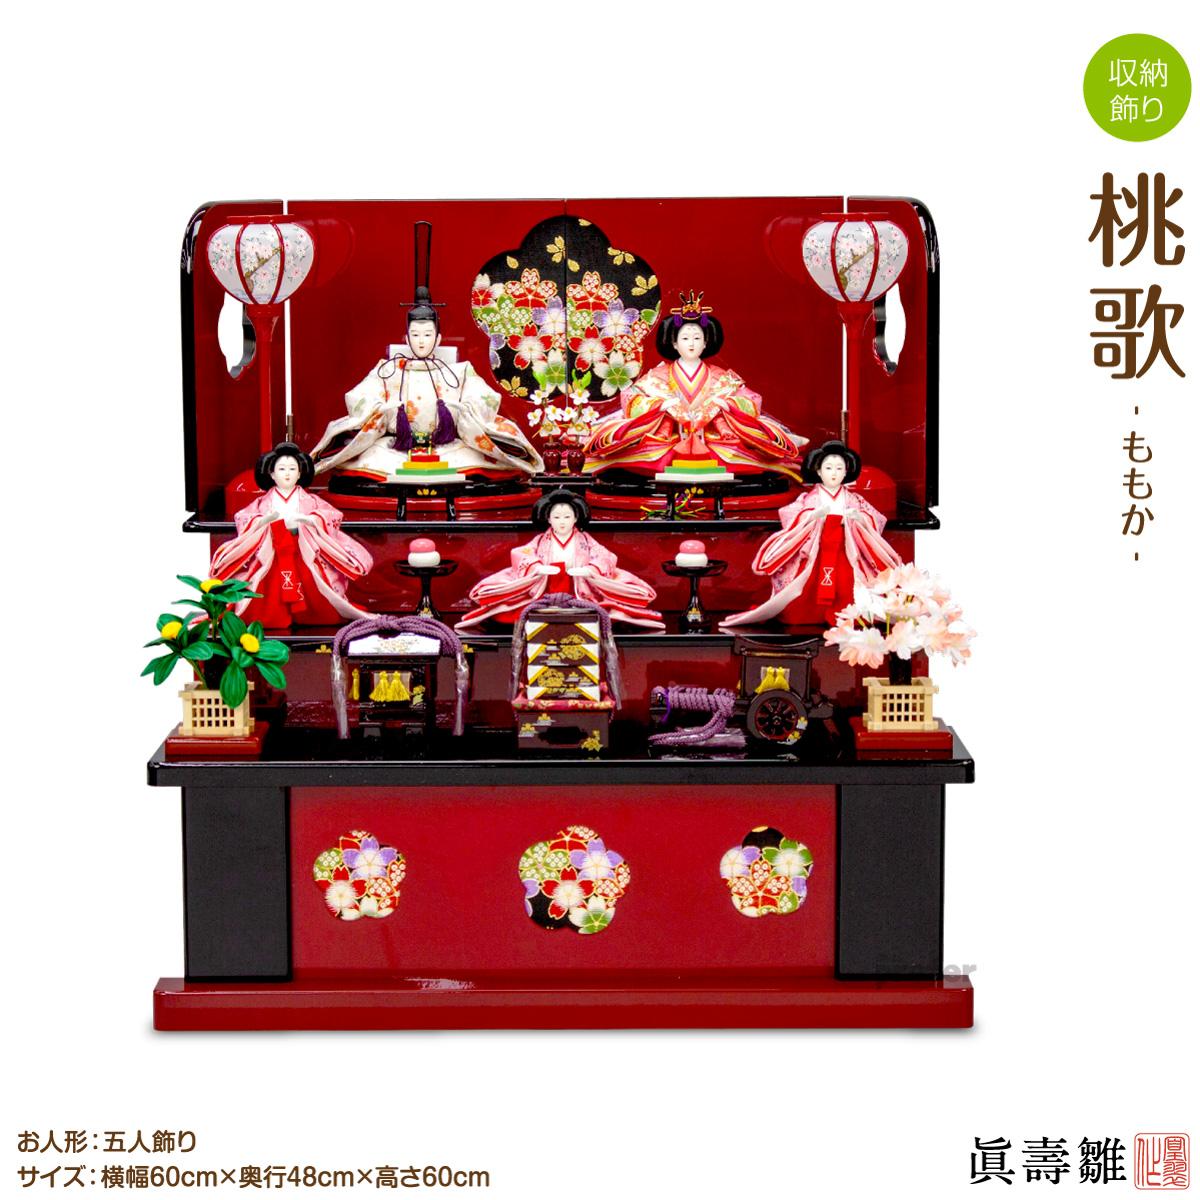 雛人形 収納飾り ひな人形 収納スペース付眞壽雛三段収納飾り 桃歌(ももか) 三段飾り コンパクト 収納雛 特選